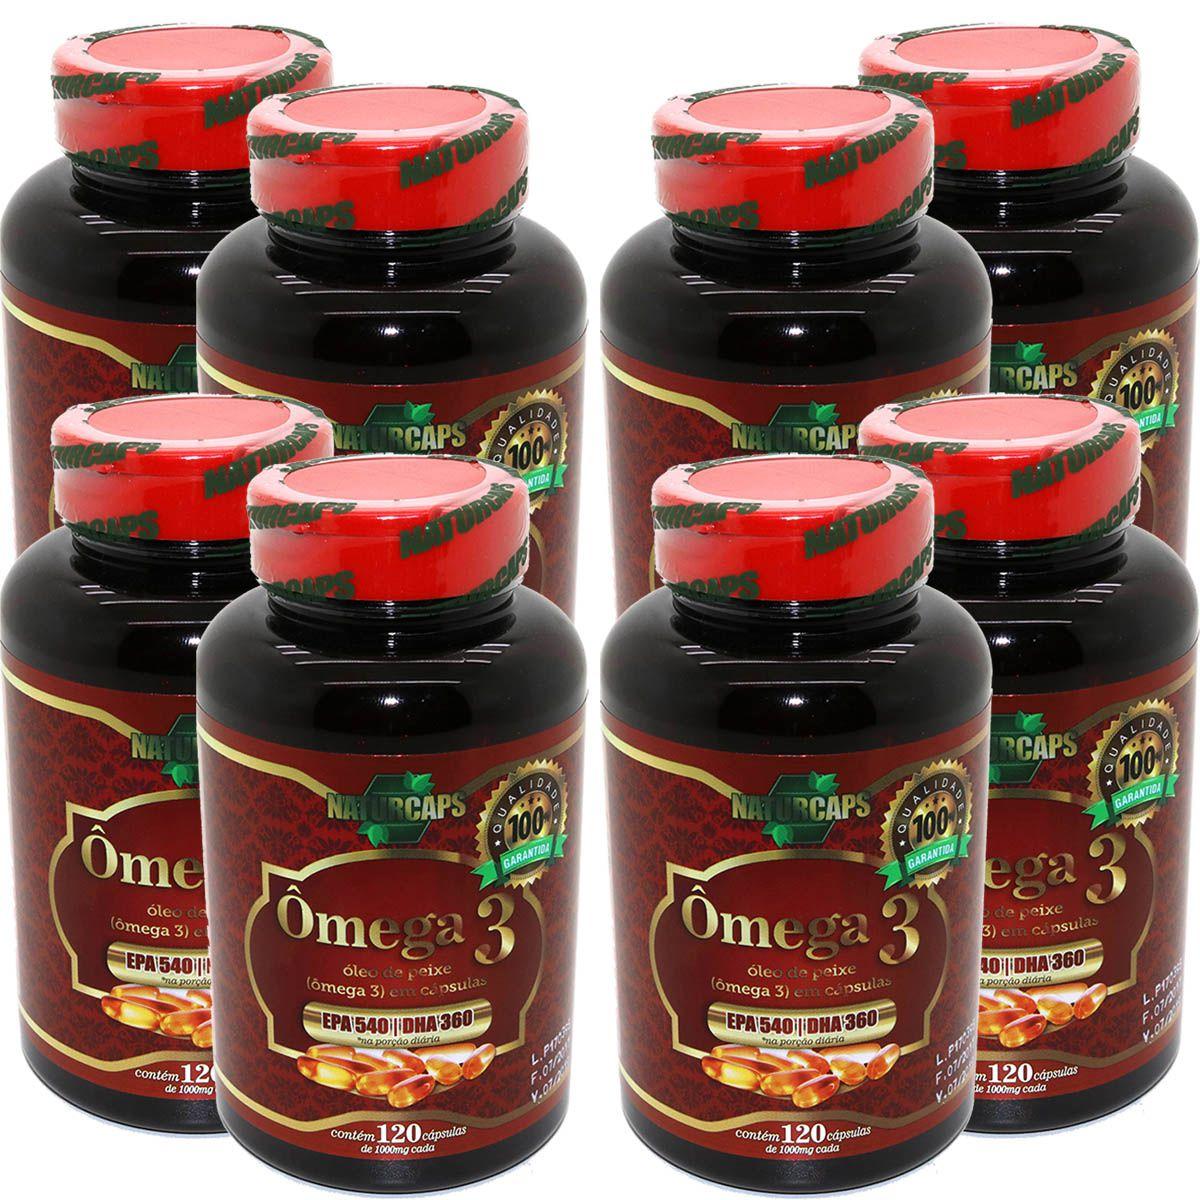 Omega 3 Oleo De Peixe 1000mg - Naturcaps - 8 Potes 120 Caps